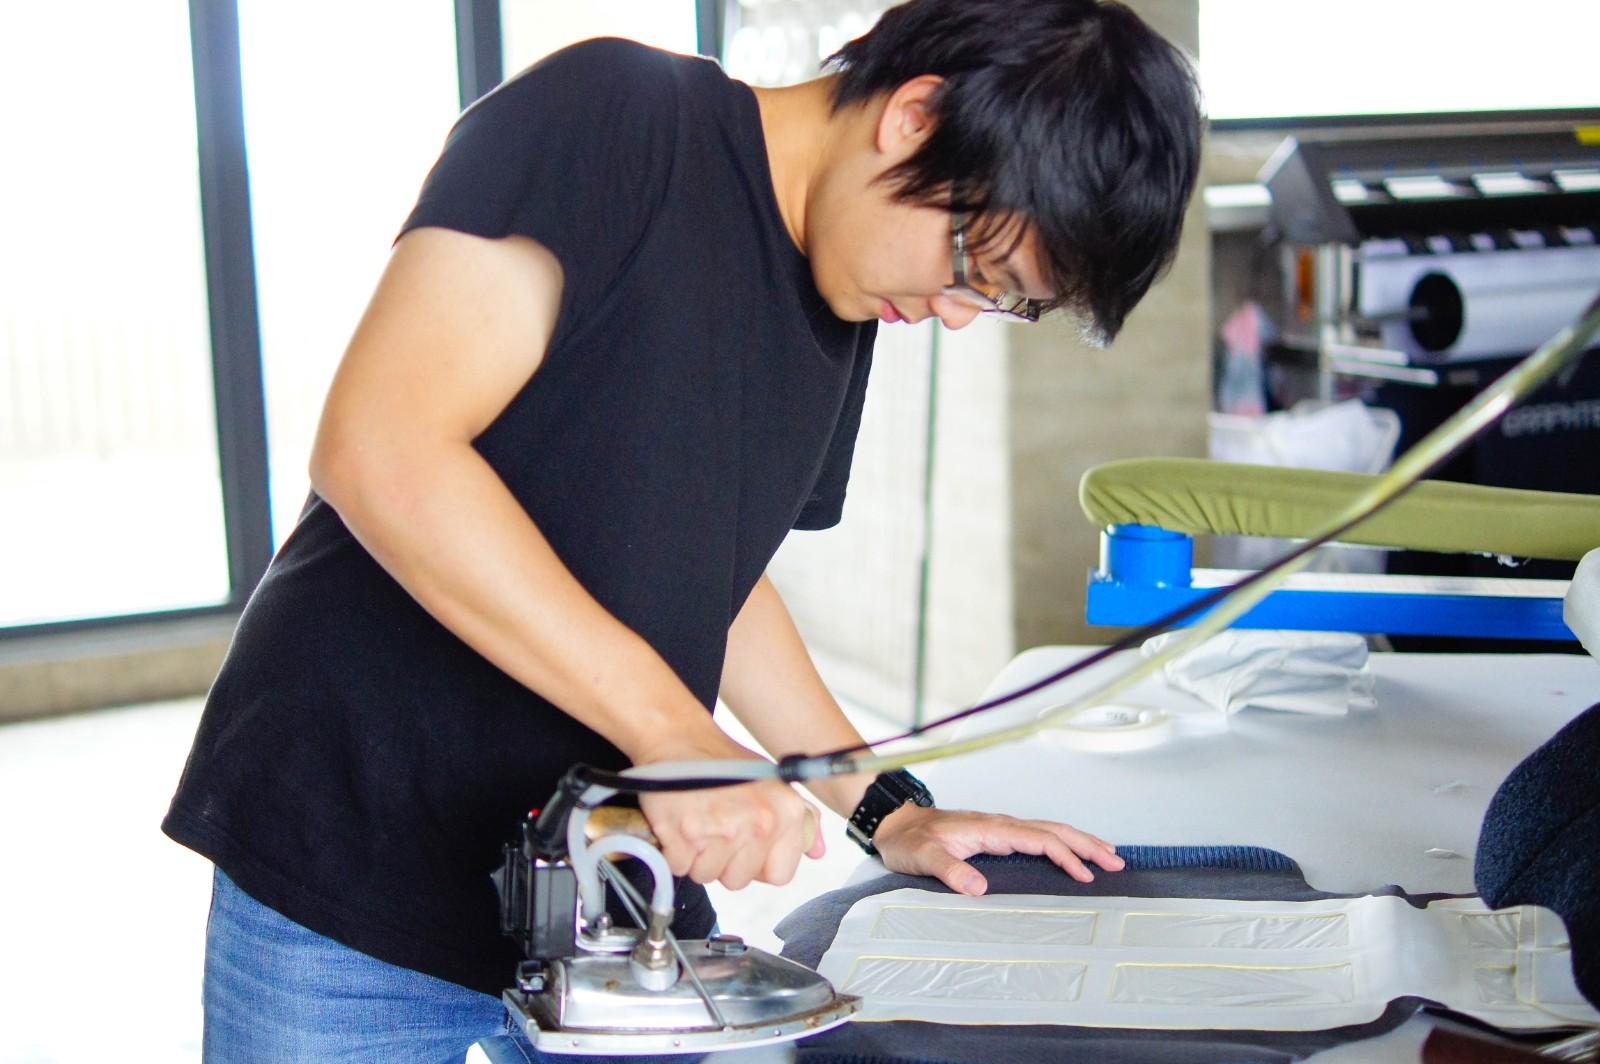 中原商設產品設計組王暄文等人設計製作「小烏龜光療衣」獲新一代設計產學合作金獎。.jpg